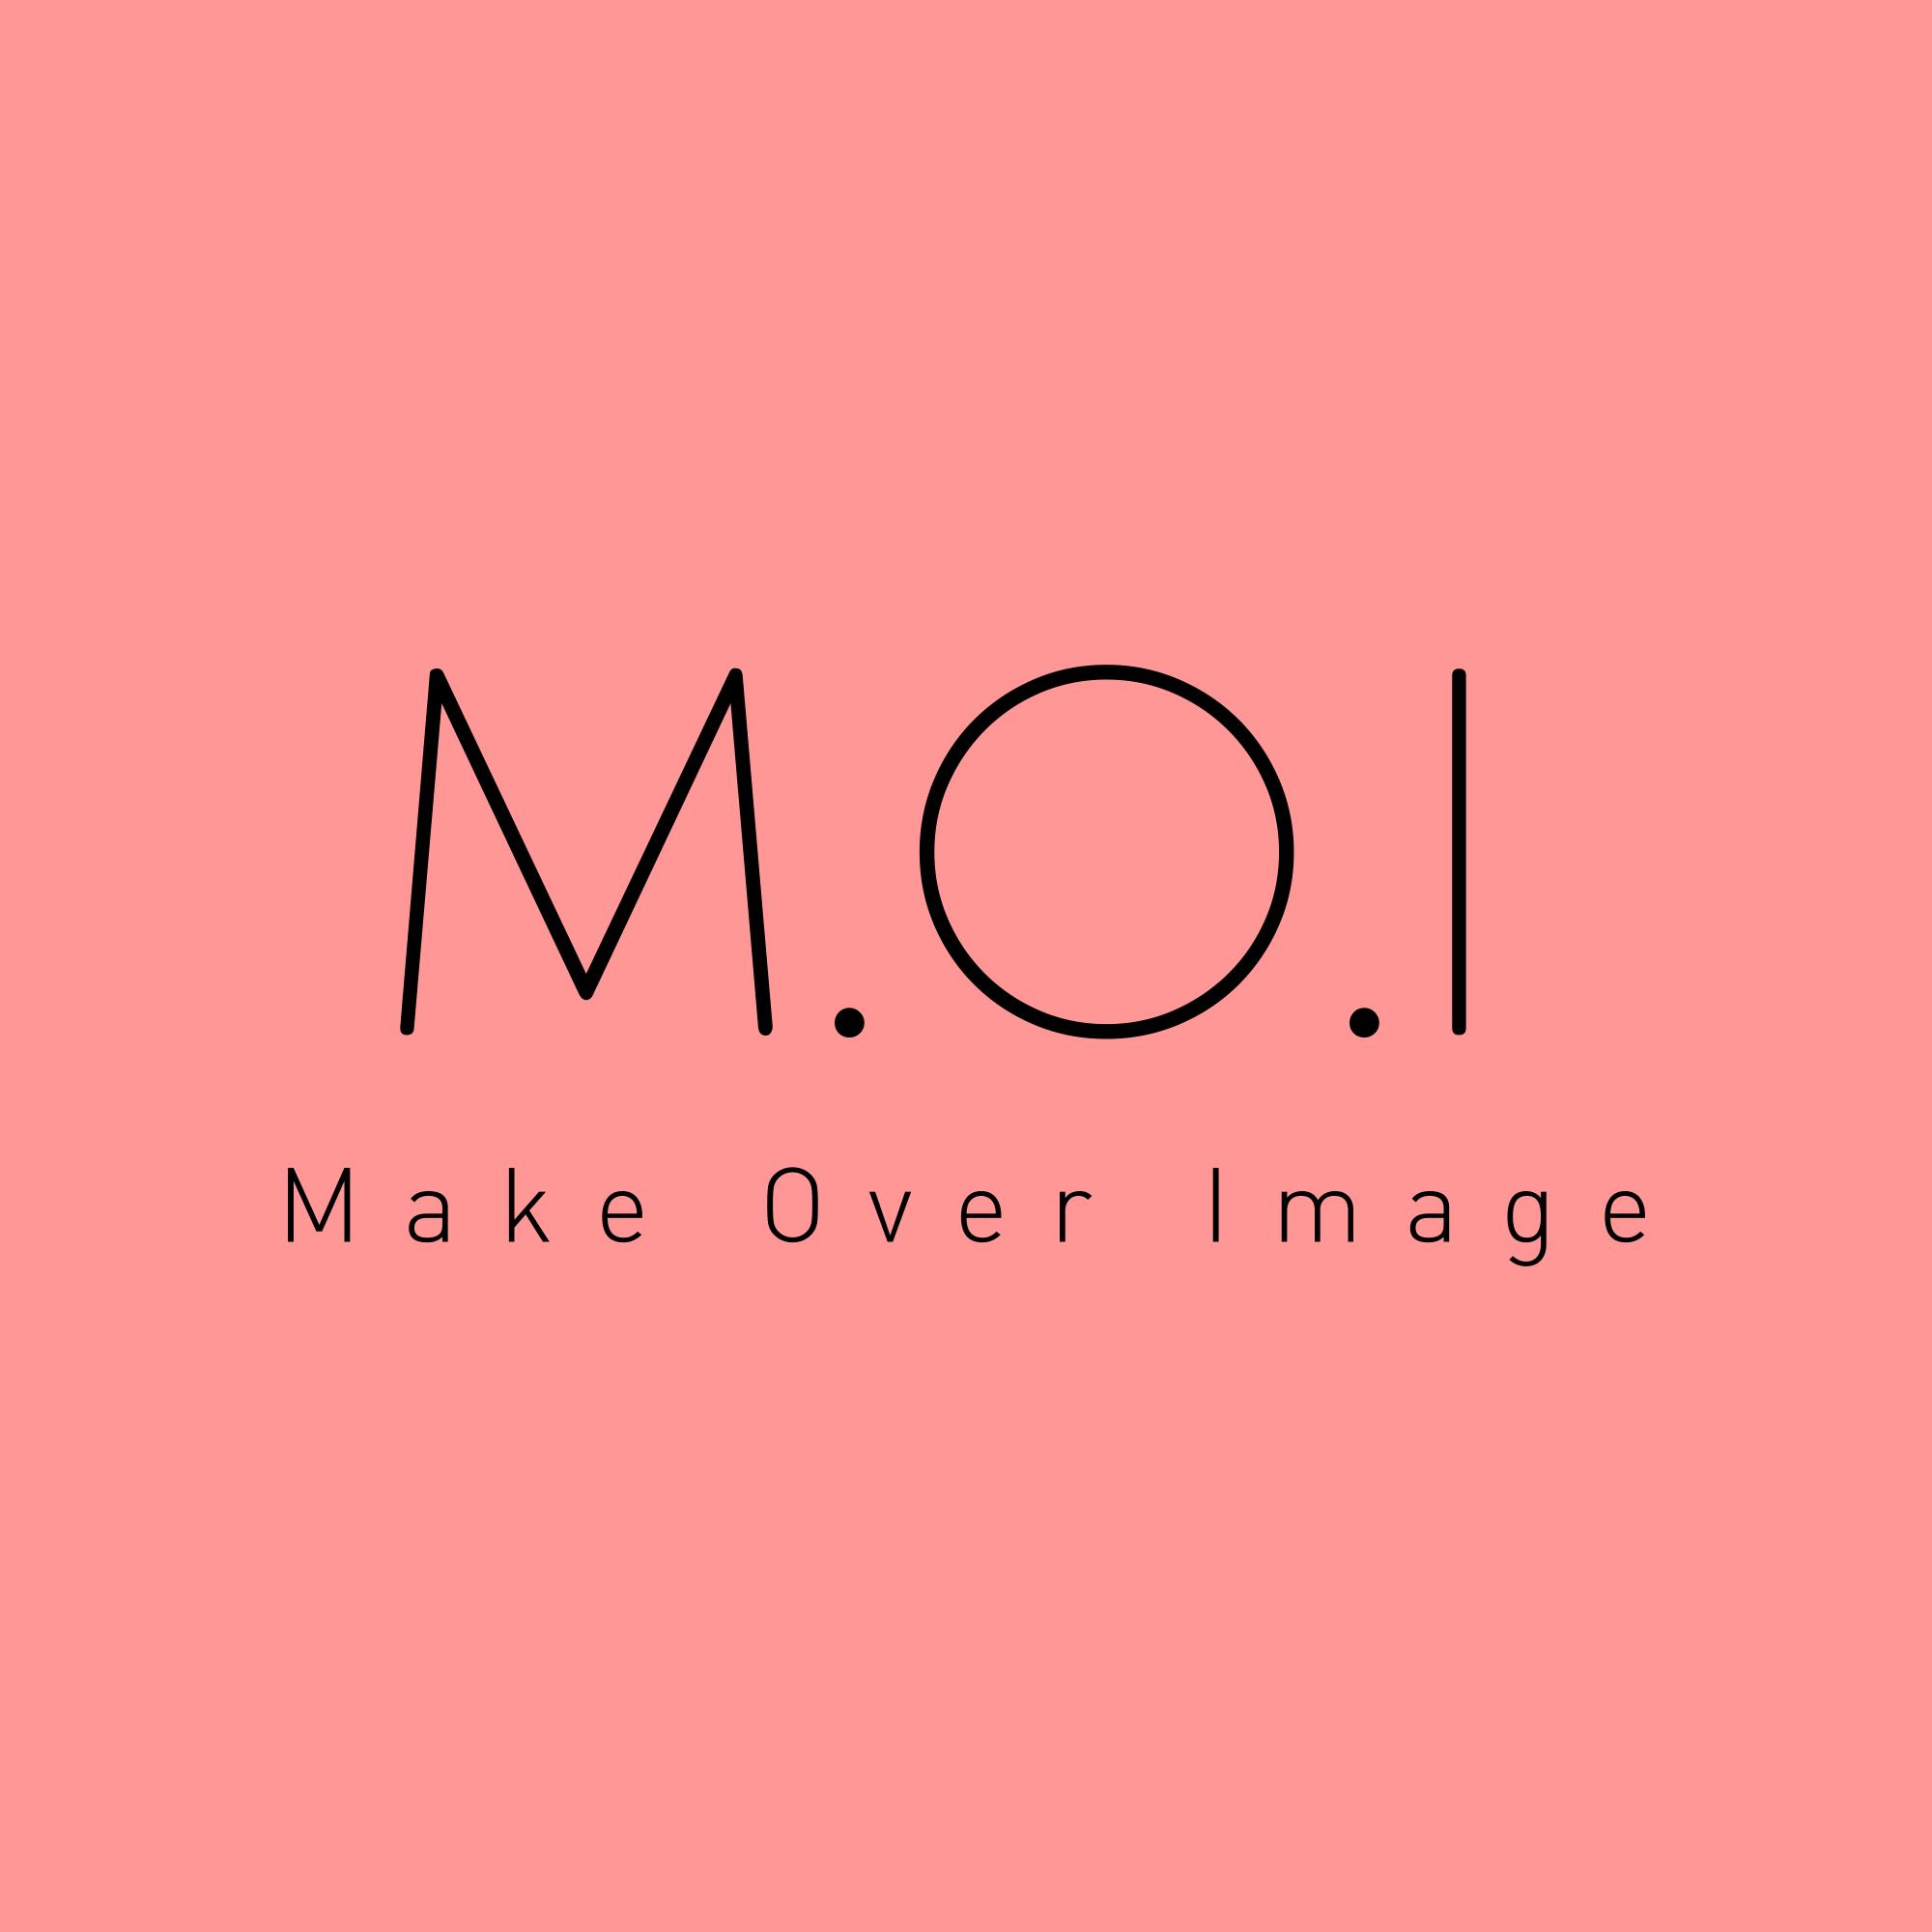 Thương hiệu son M.O.I đã và đang tạo dựng được danh tiếng sau một thời gian ra mắt.